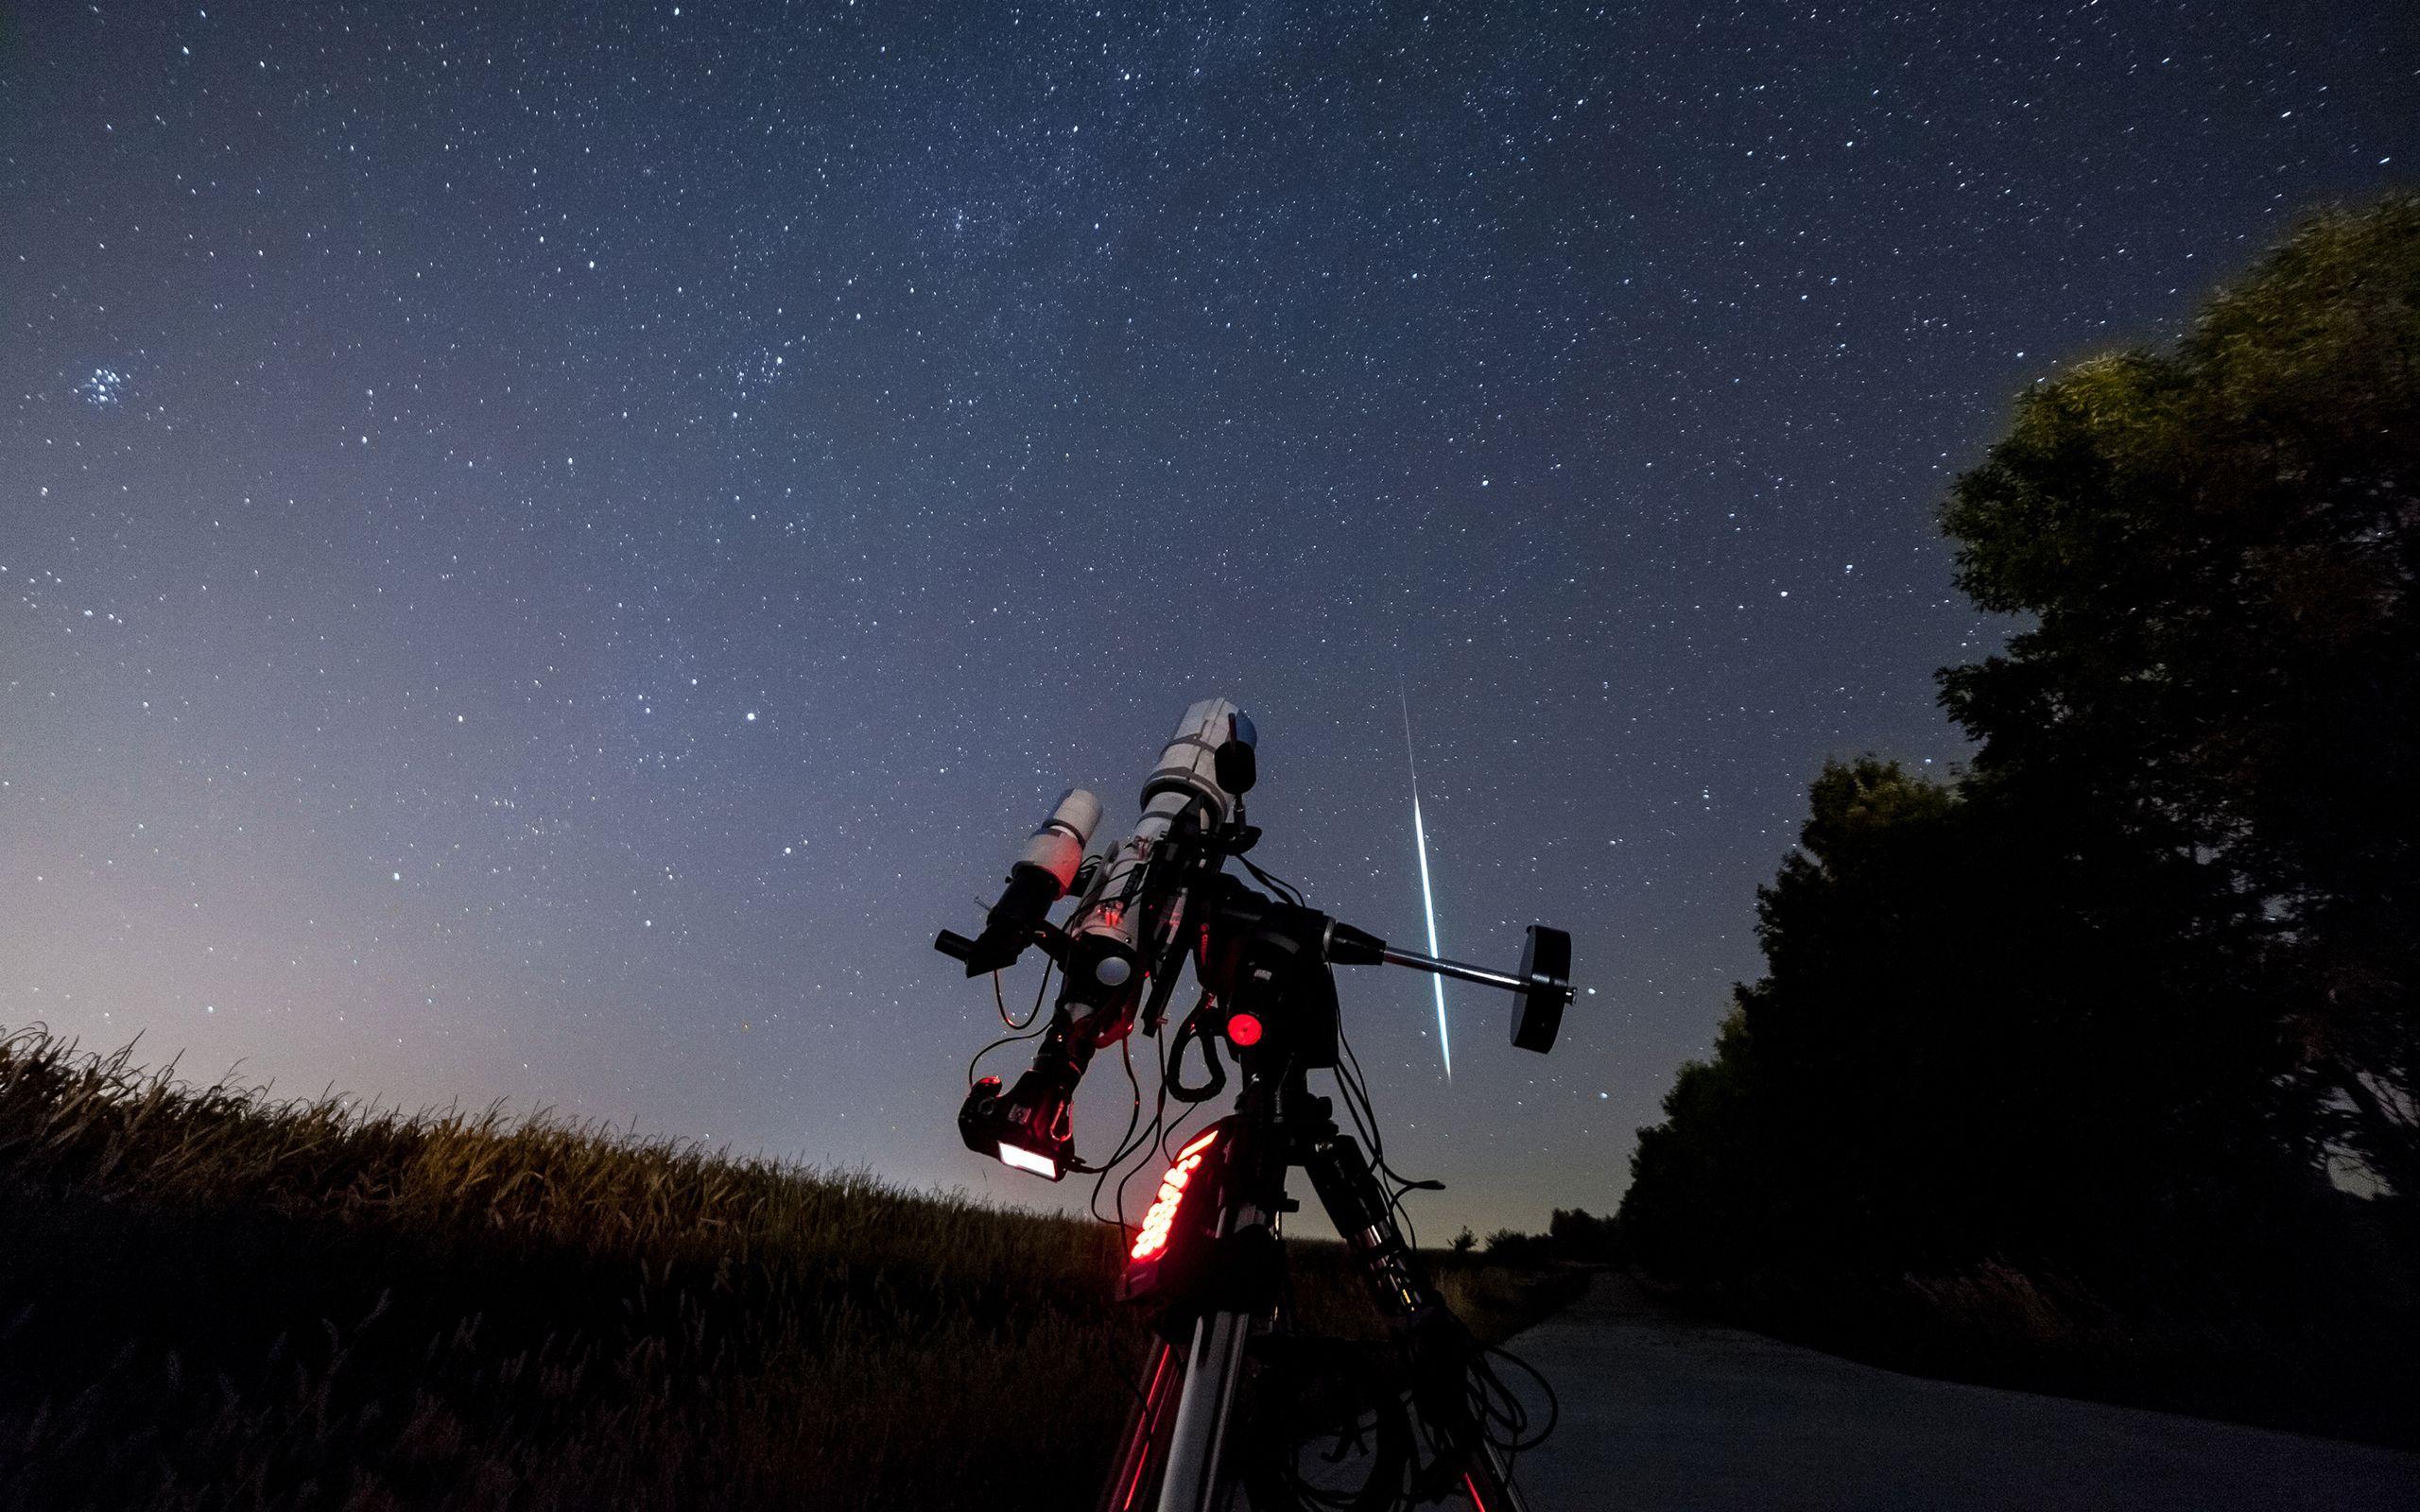 то, кадр со звездами на фотоаппарат простое приспособление, предназначенное